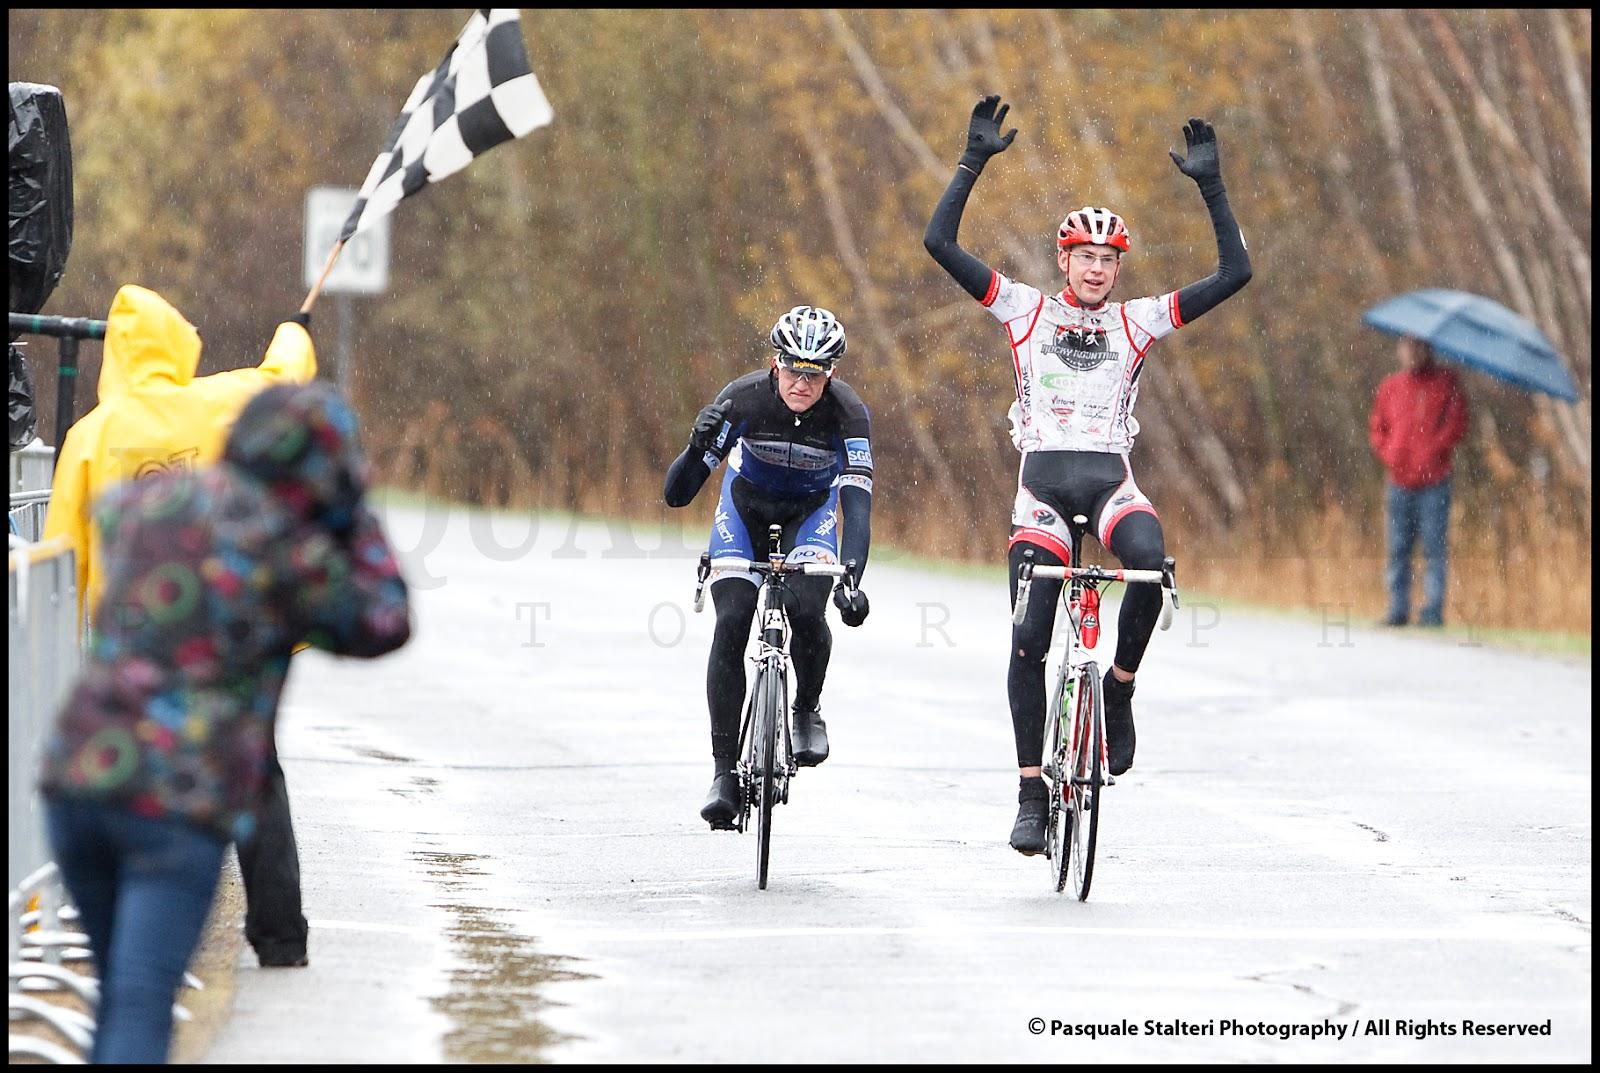 Le retour de l 39 enfant prodigue miroir du cyclisme for Miroir du cyclisme